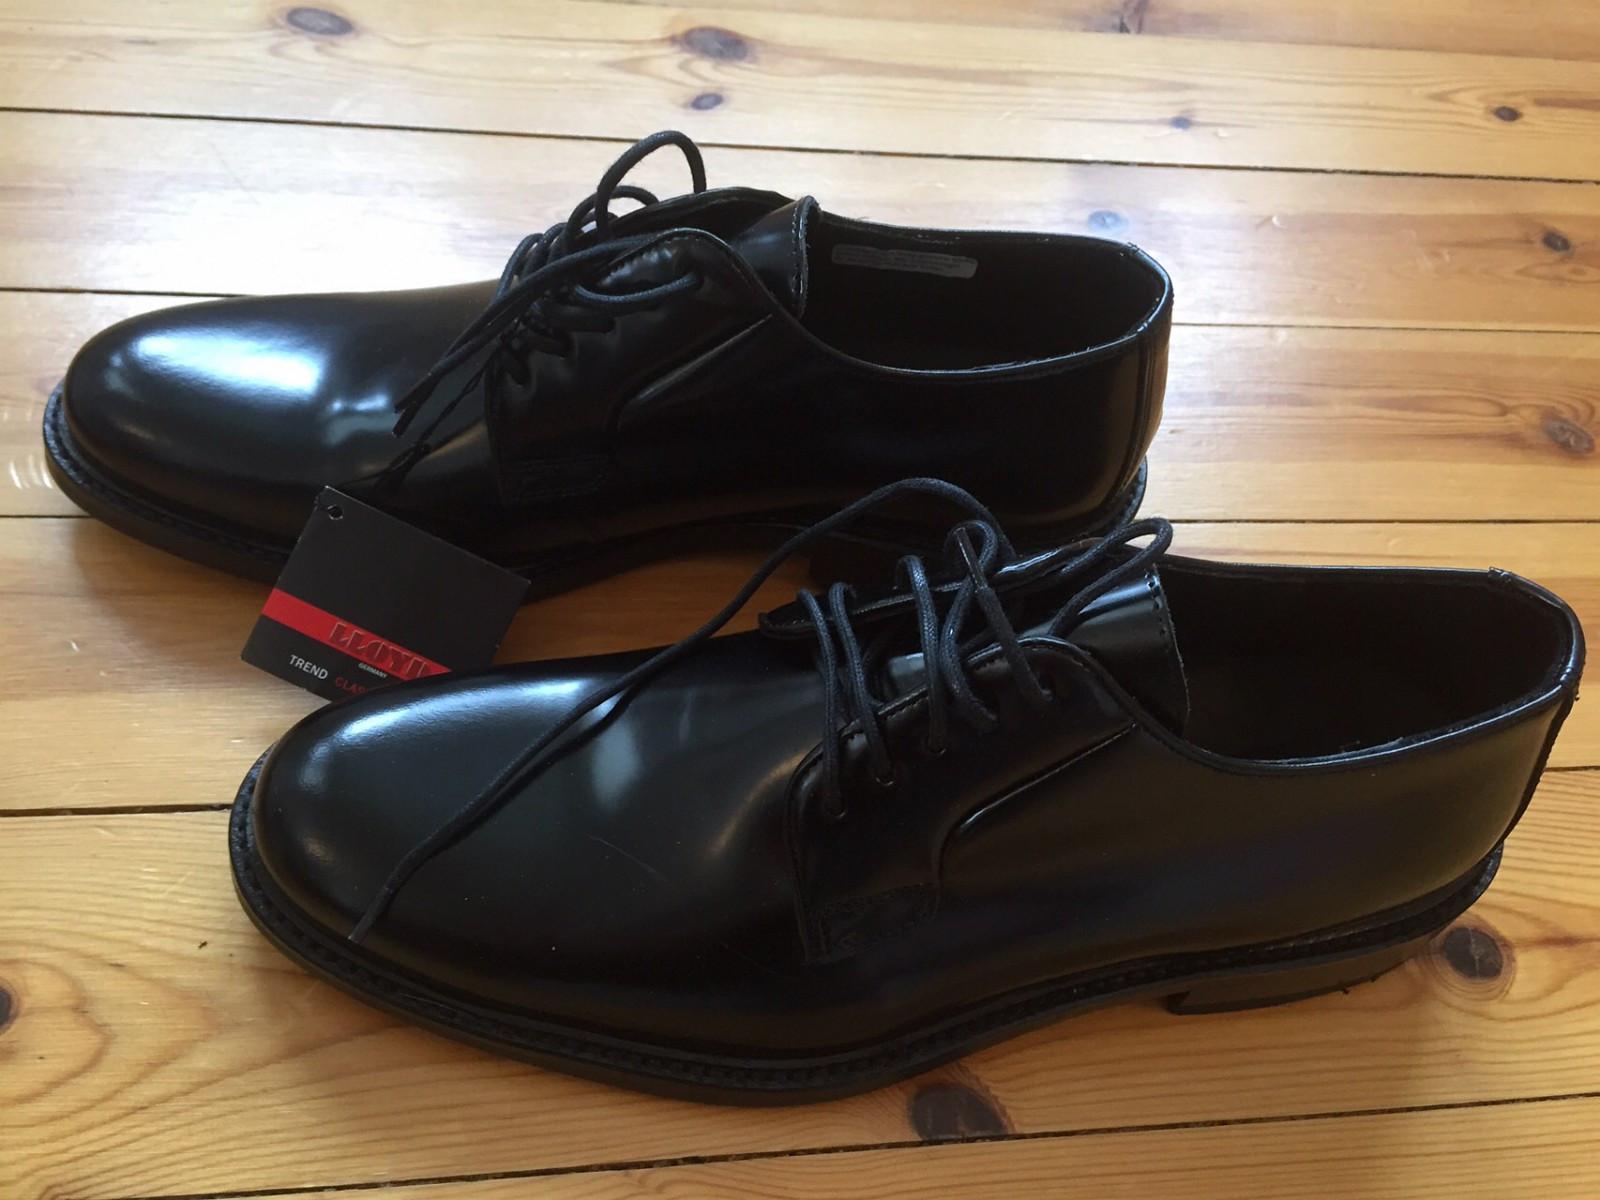 Lloyd sko - ubrukte - str 7 (40,5) - spar 1000 kr - Stavanger  - Sorte Lloyd sko str 7 (40,5) selges ubrukt.  Ny pris 1.600 kr. - Stavanger